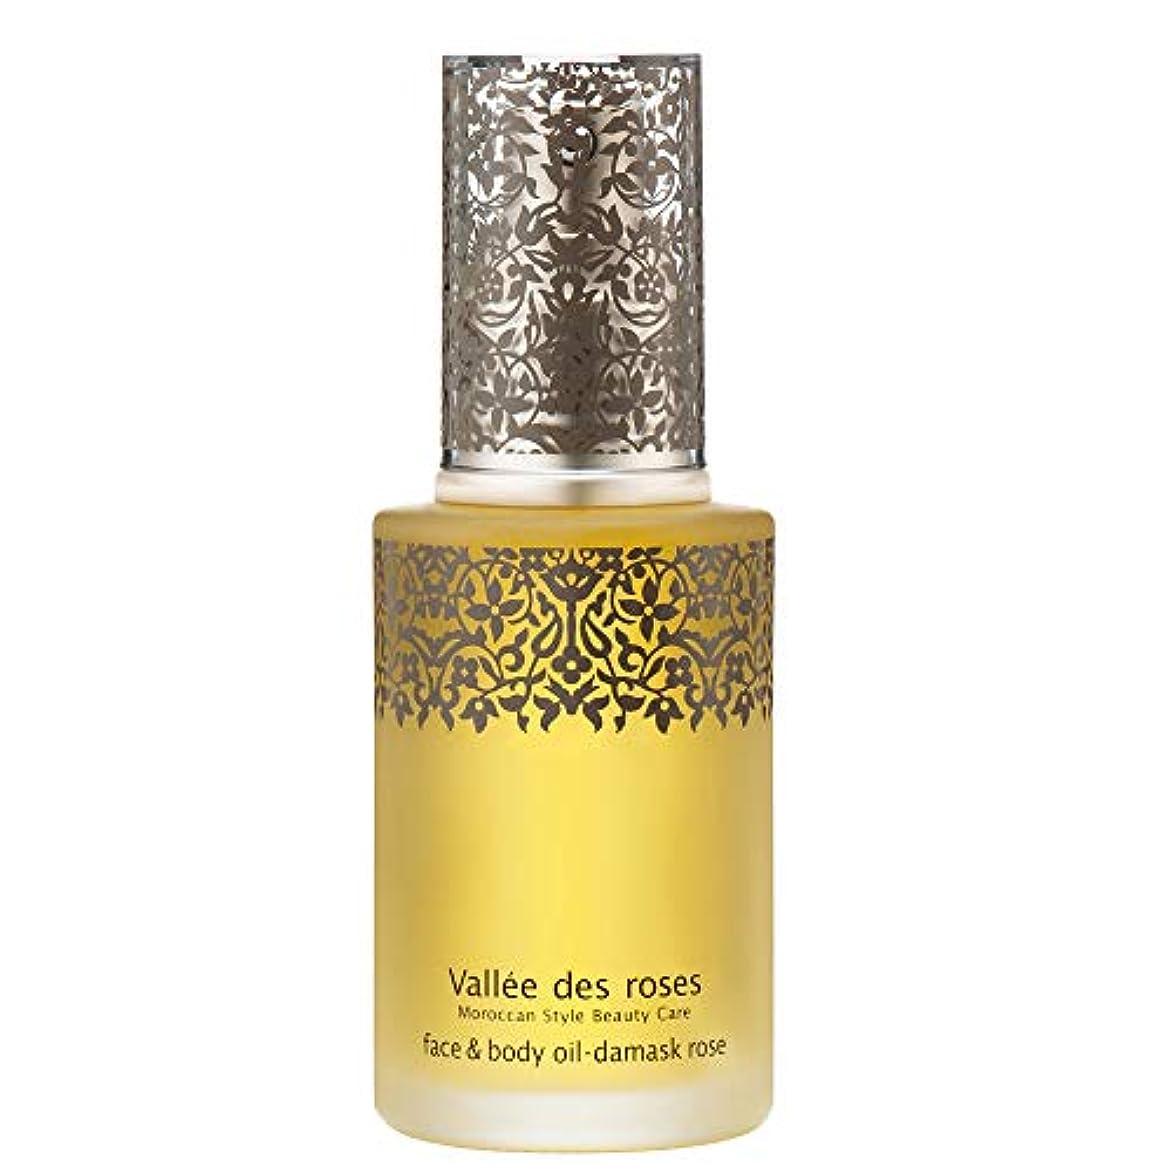 必要としている歯平らにするヴァレ ド ローズ(Vallée des roses) ヴァレ ド ローズ フェイス&ボディオイル 美容液 ローズ、ゼラニウム 60mL